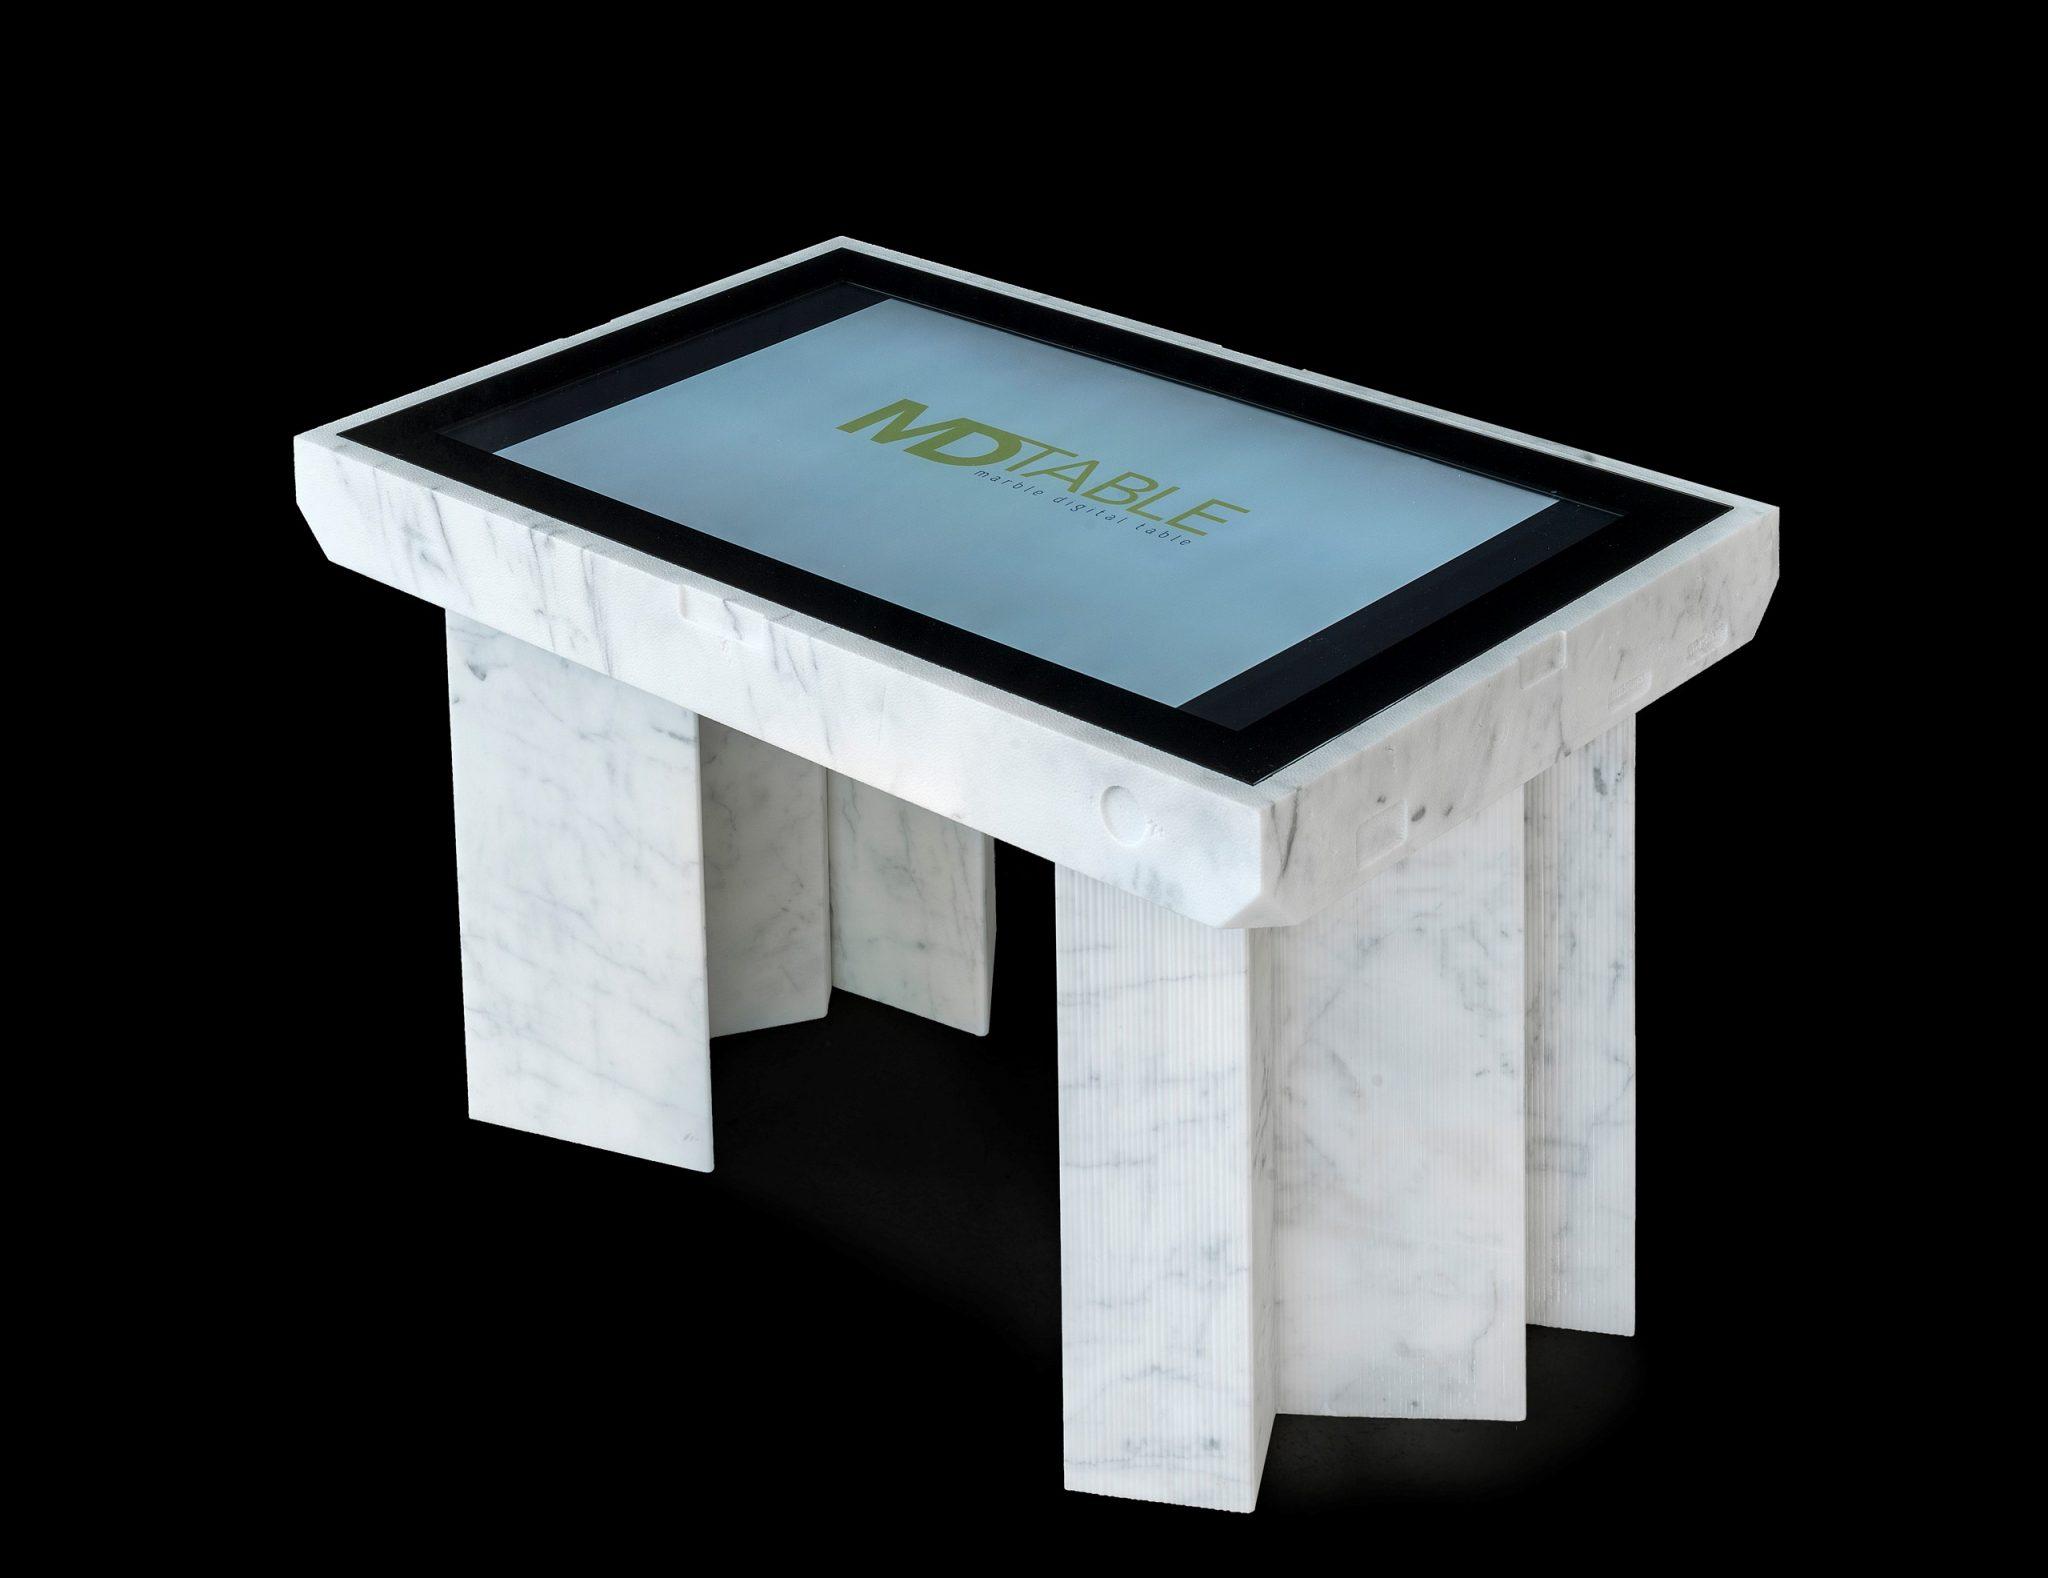 D Table in edizione (speciale). Touchscreen di marmo. Il nuovo progetto di Robot City a Milano